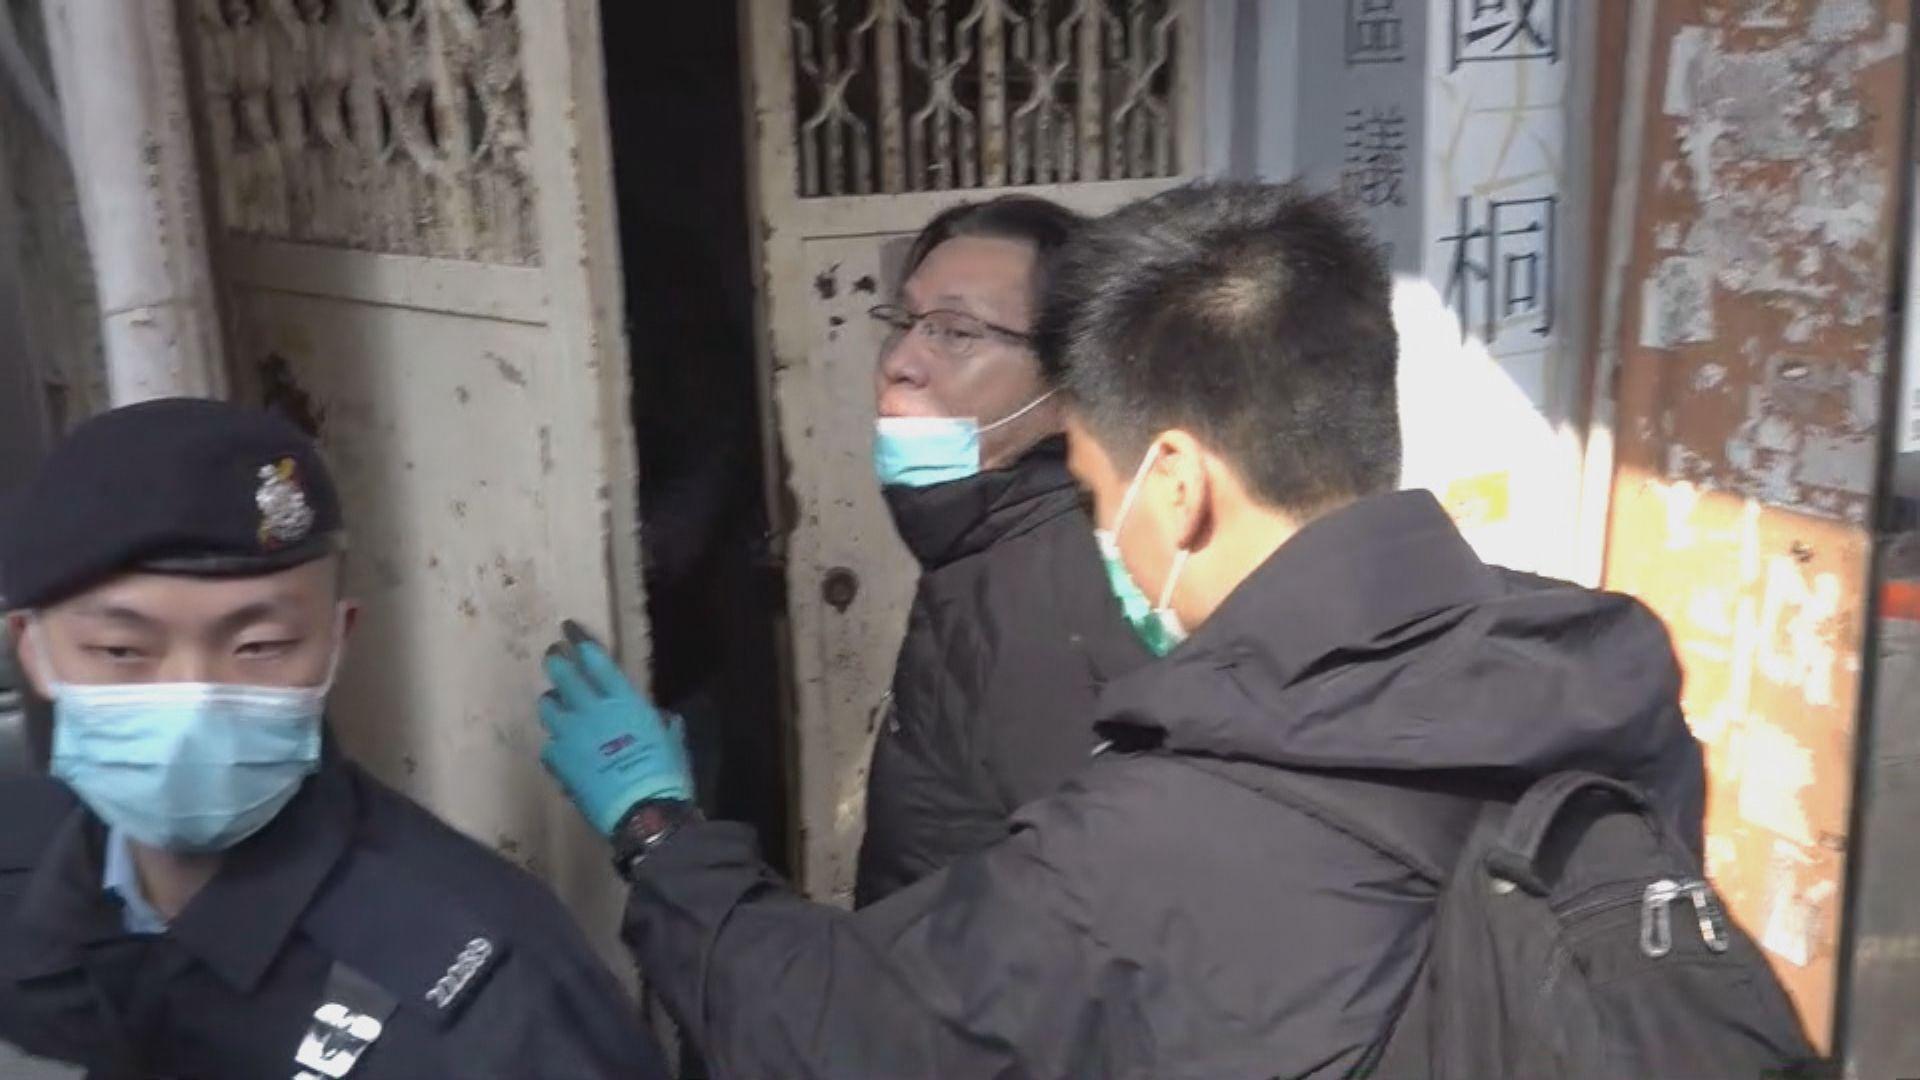 警國安處拘11人涉助12港人偷渡 到黃國桐議辦調查